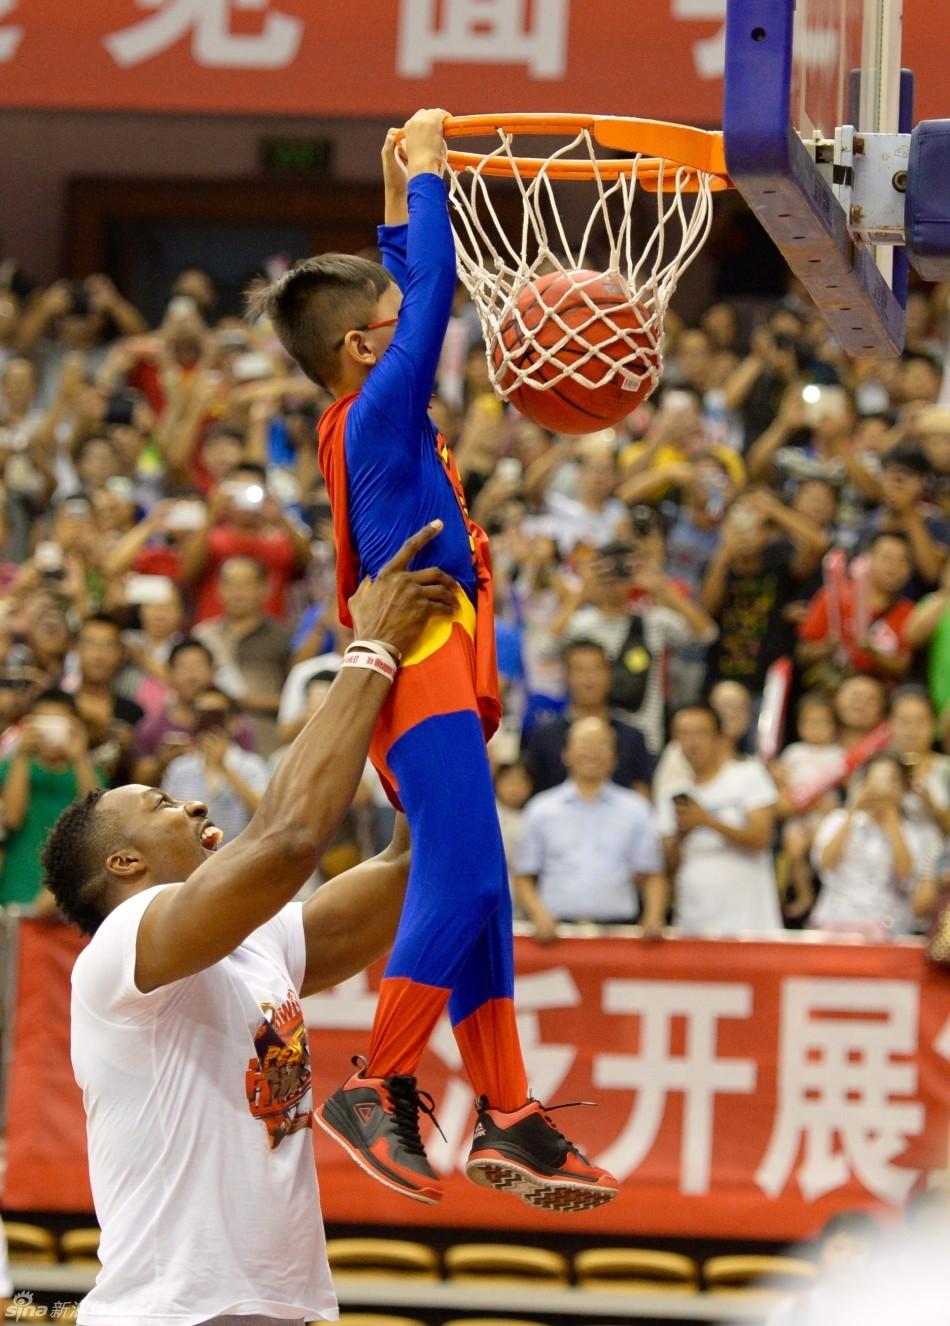 斯敦火箭队球员德怀特·霍华德亮相江西省体育馆,与中国球迷进行